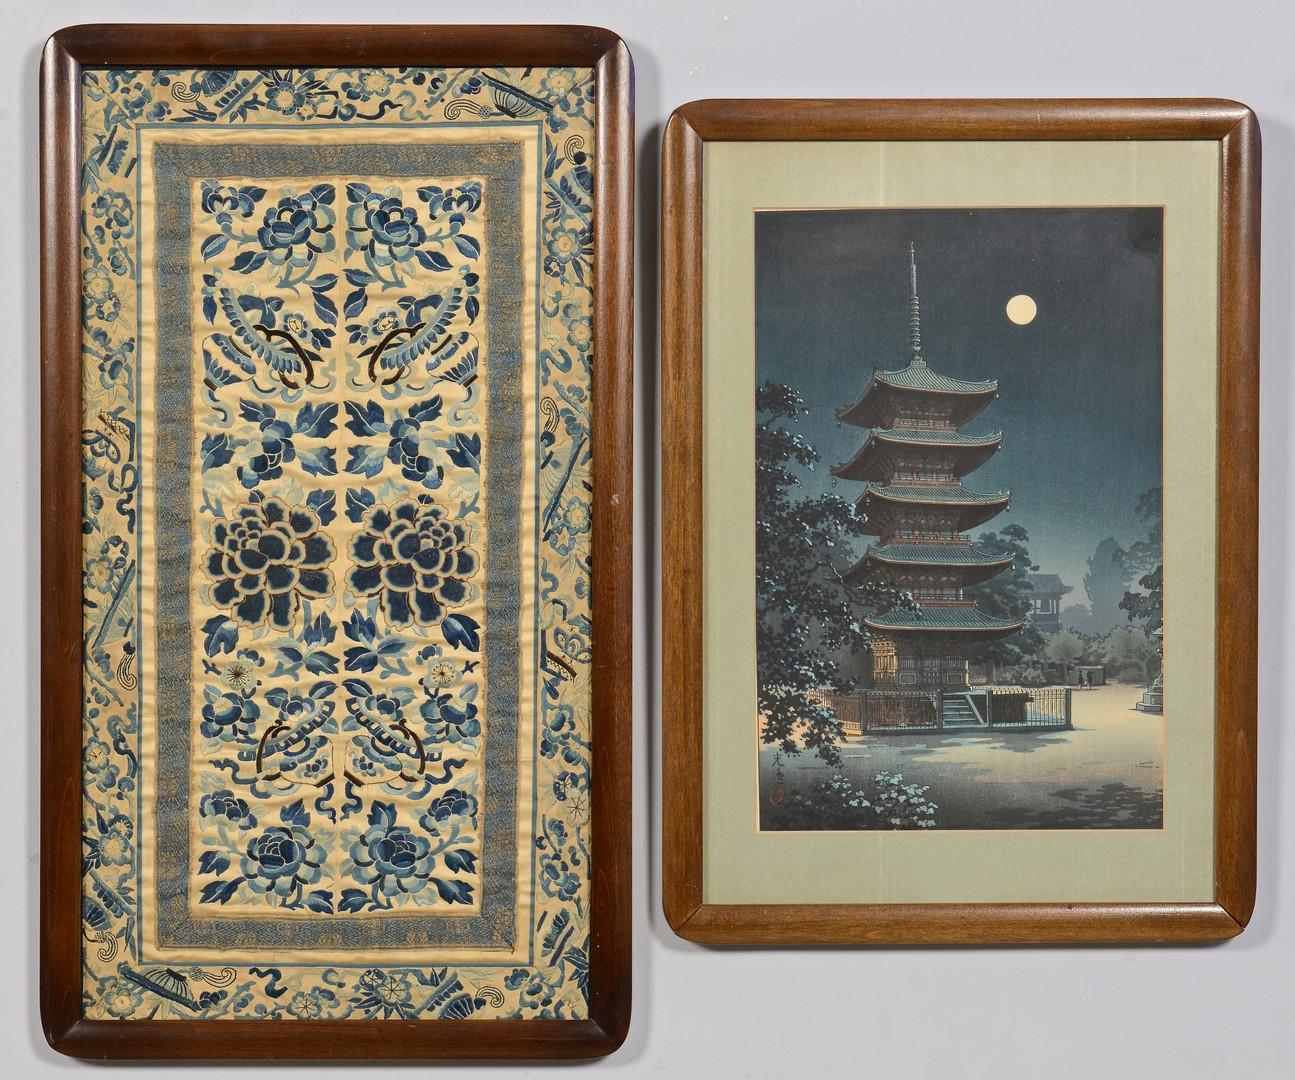 Lot 3832428: Chinese Embroidery & Koitsu Wood Block